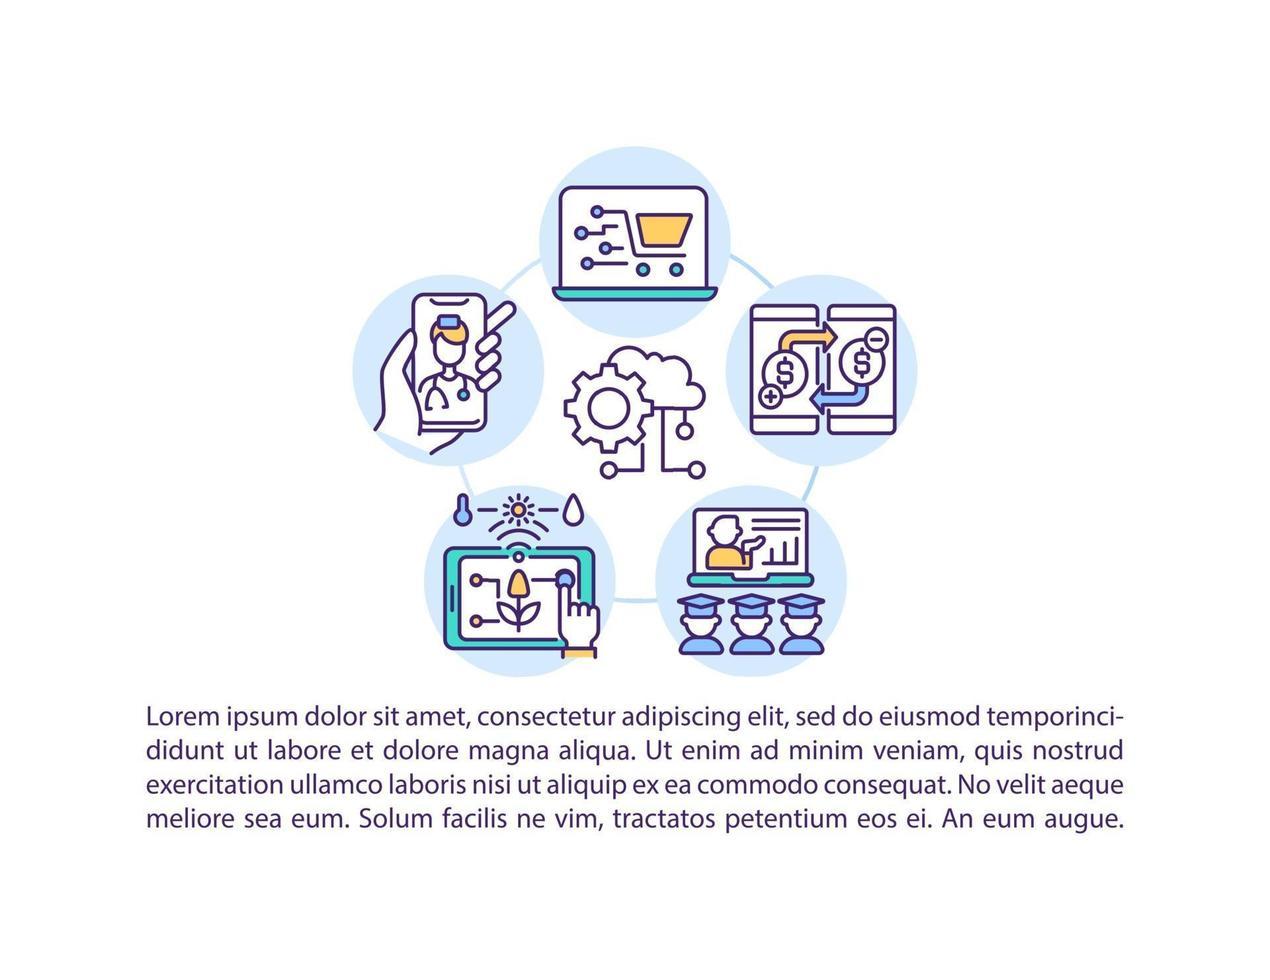 acelerando o ícone do conceito de digitalização com texto vetor